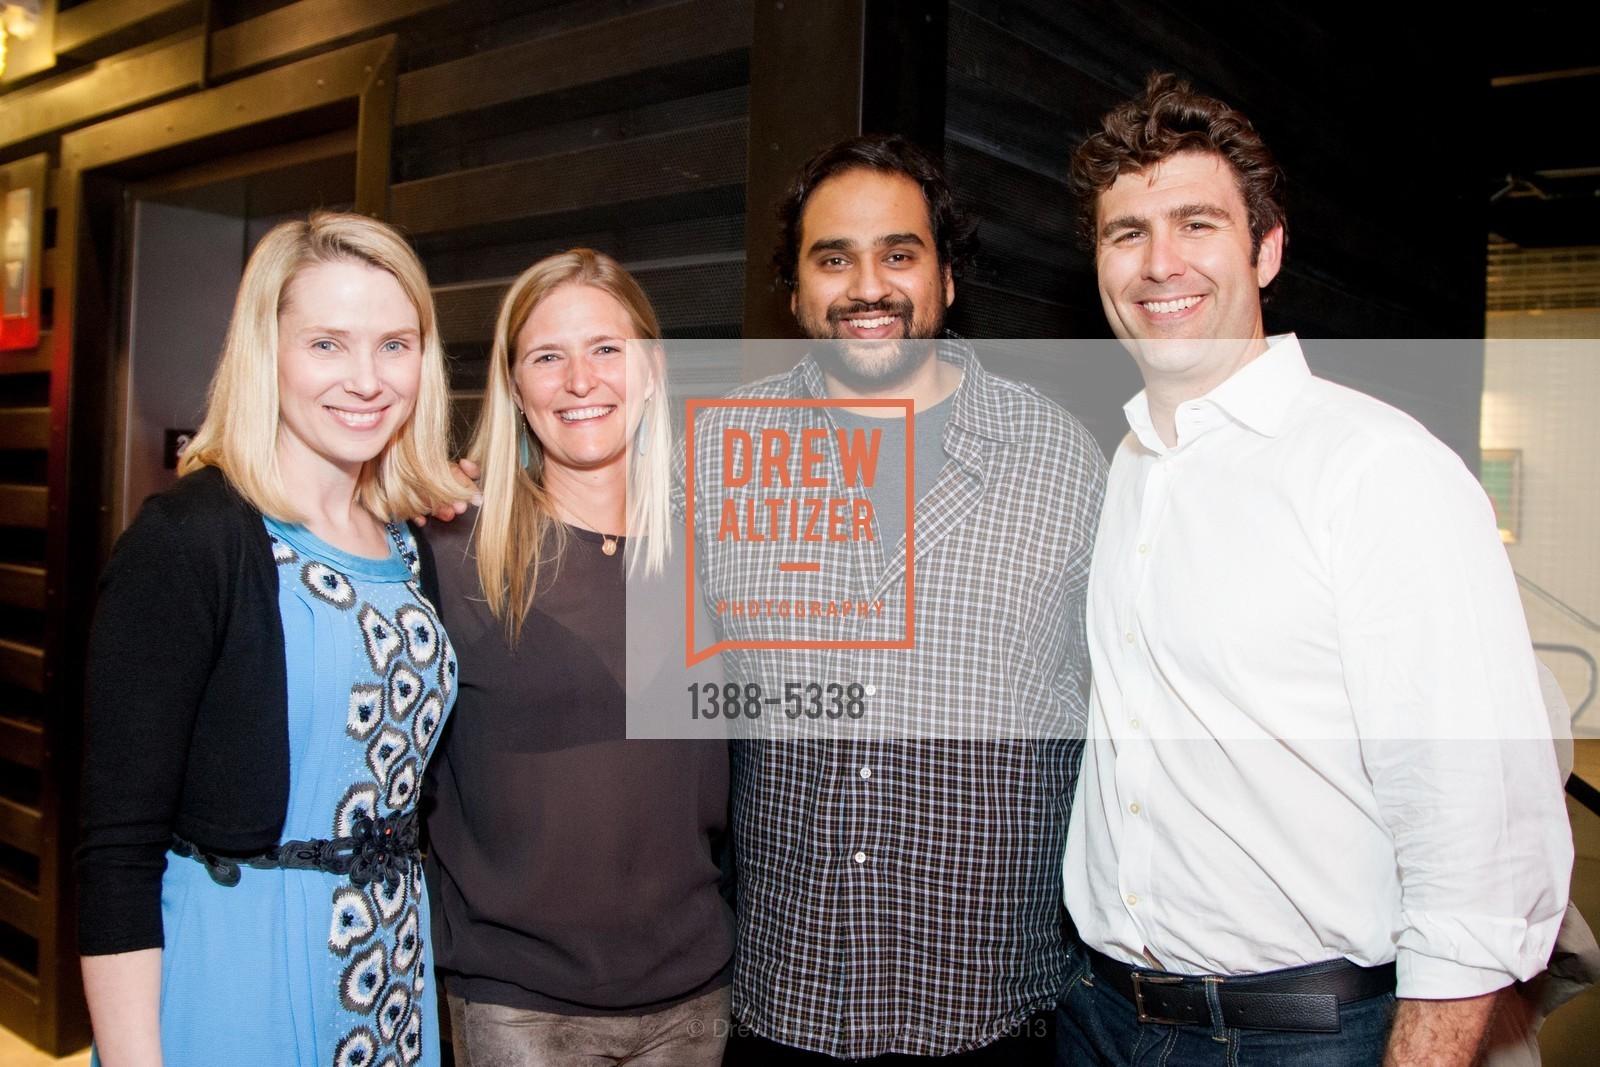 Marissa Mayer, Alicia Engstrom, Hosain Rahman, Zachary Bogue, Photo #1388-5338